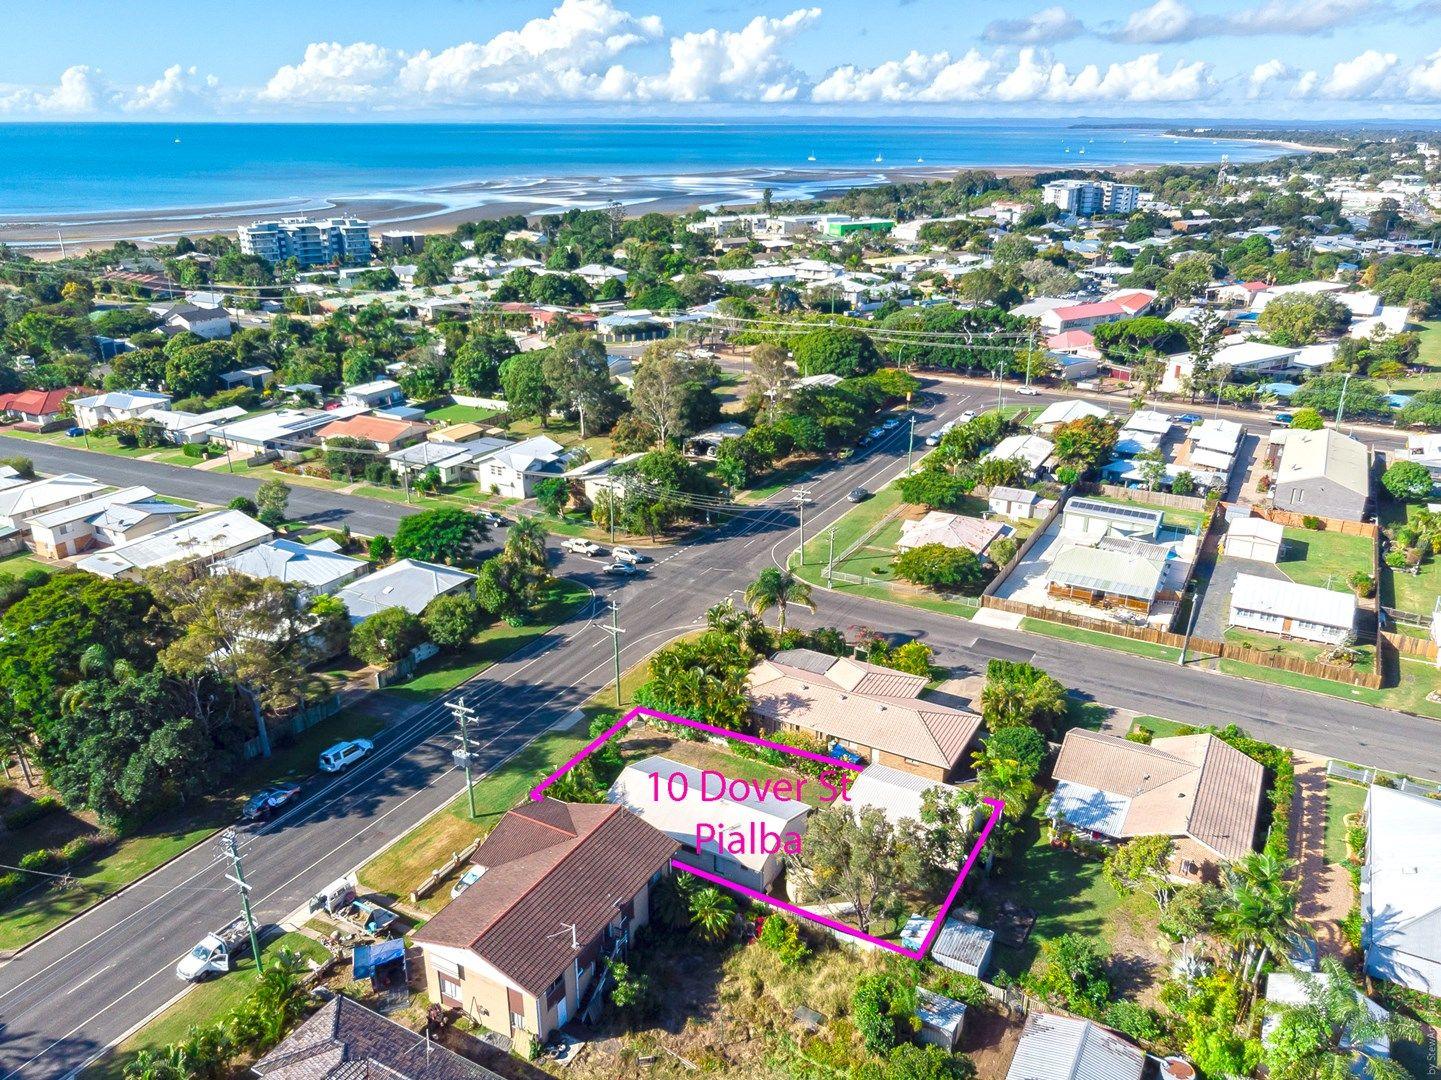 10 Dover Street, Pialba QLD 4655, Image 0